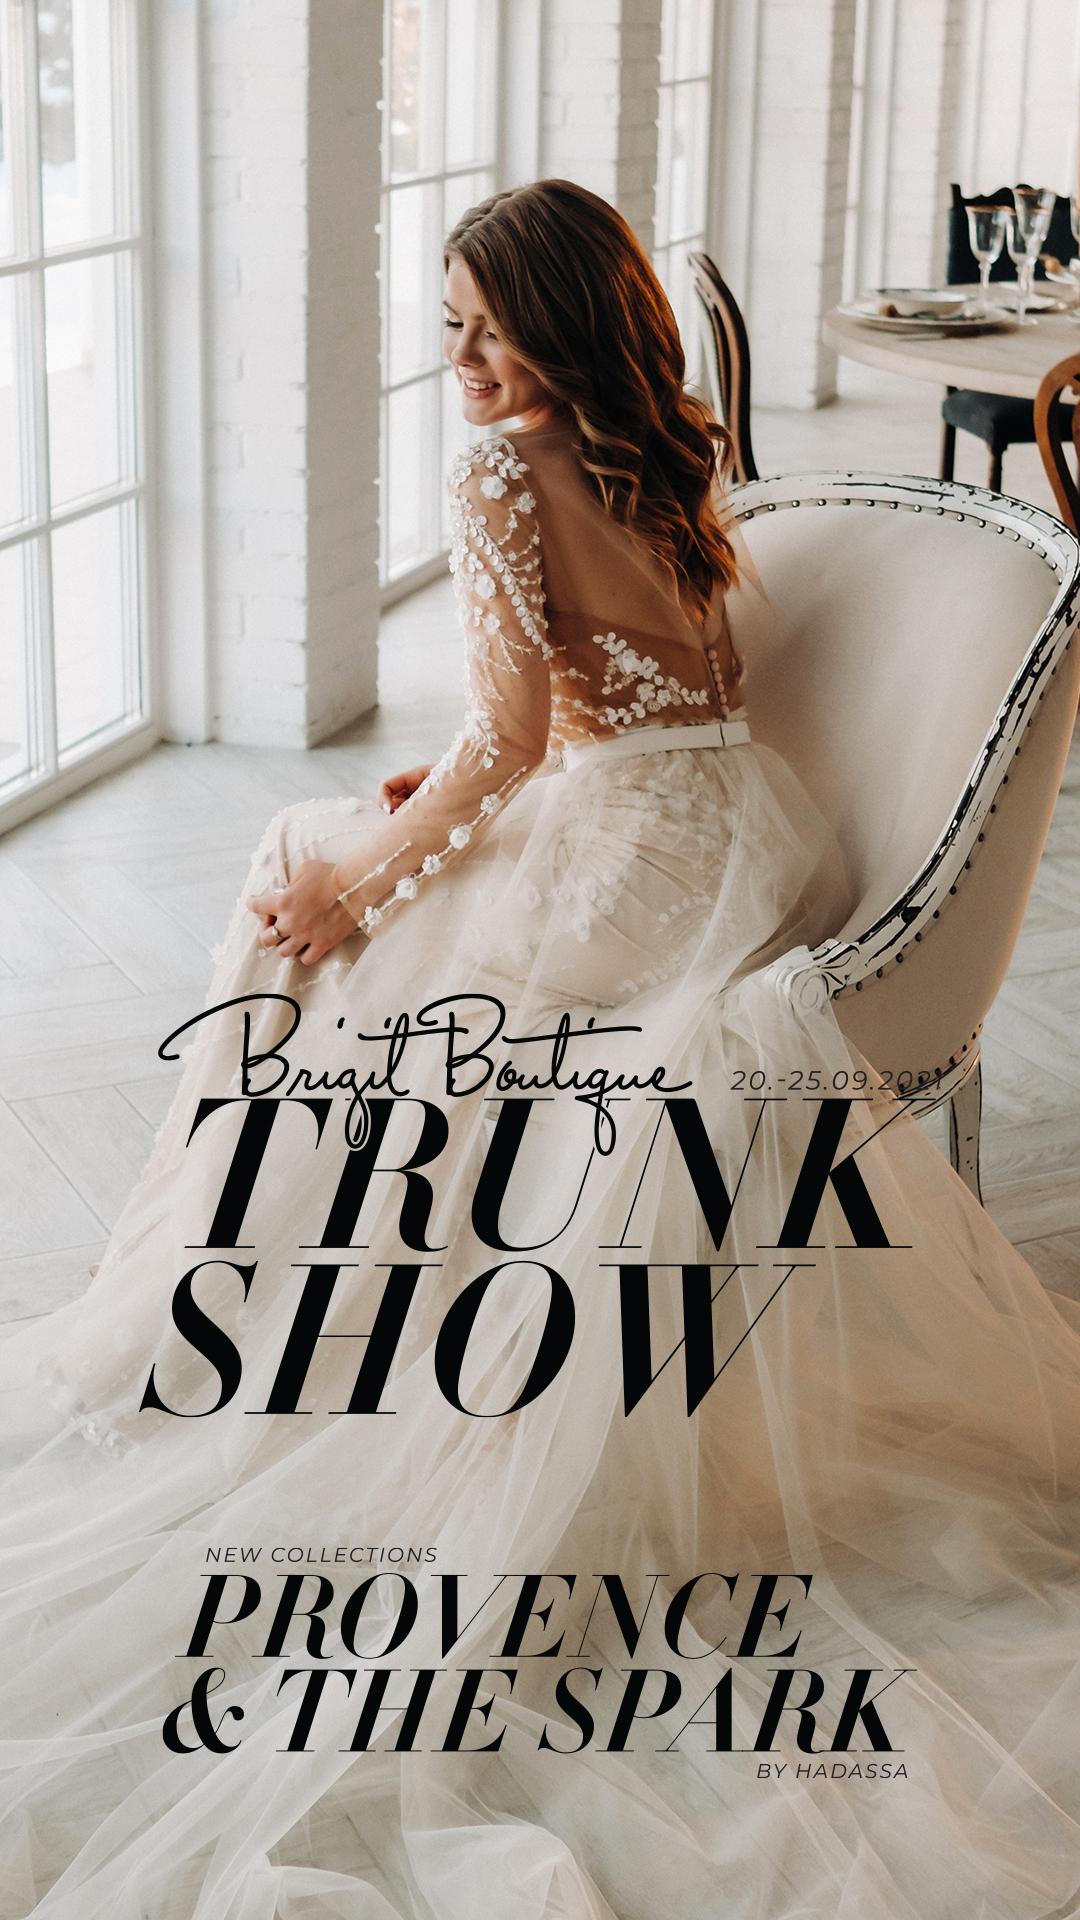 Nepremeškajte svoju šancu byť prvou, ktorá vyskúša nádherné svadobné šaty z najnovšej kolekcie PROVENCE a THE SPARK značky Hadassa pre rok 2022. ❤❤❤ - Obrázok č. 1